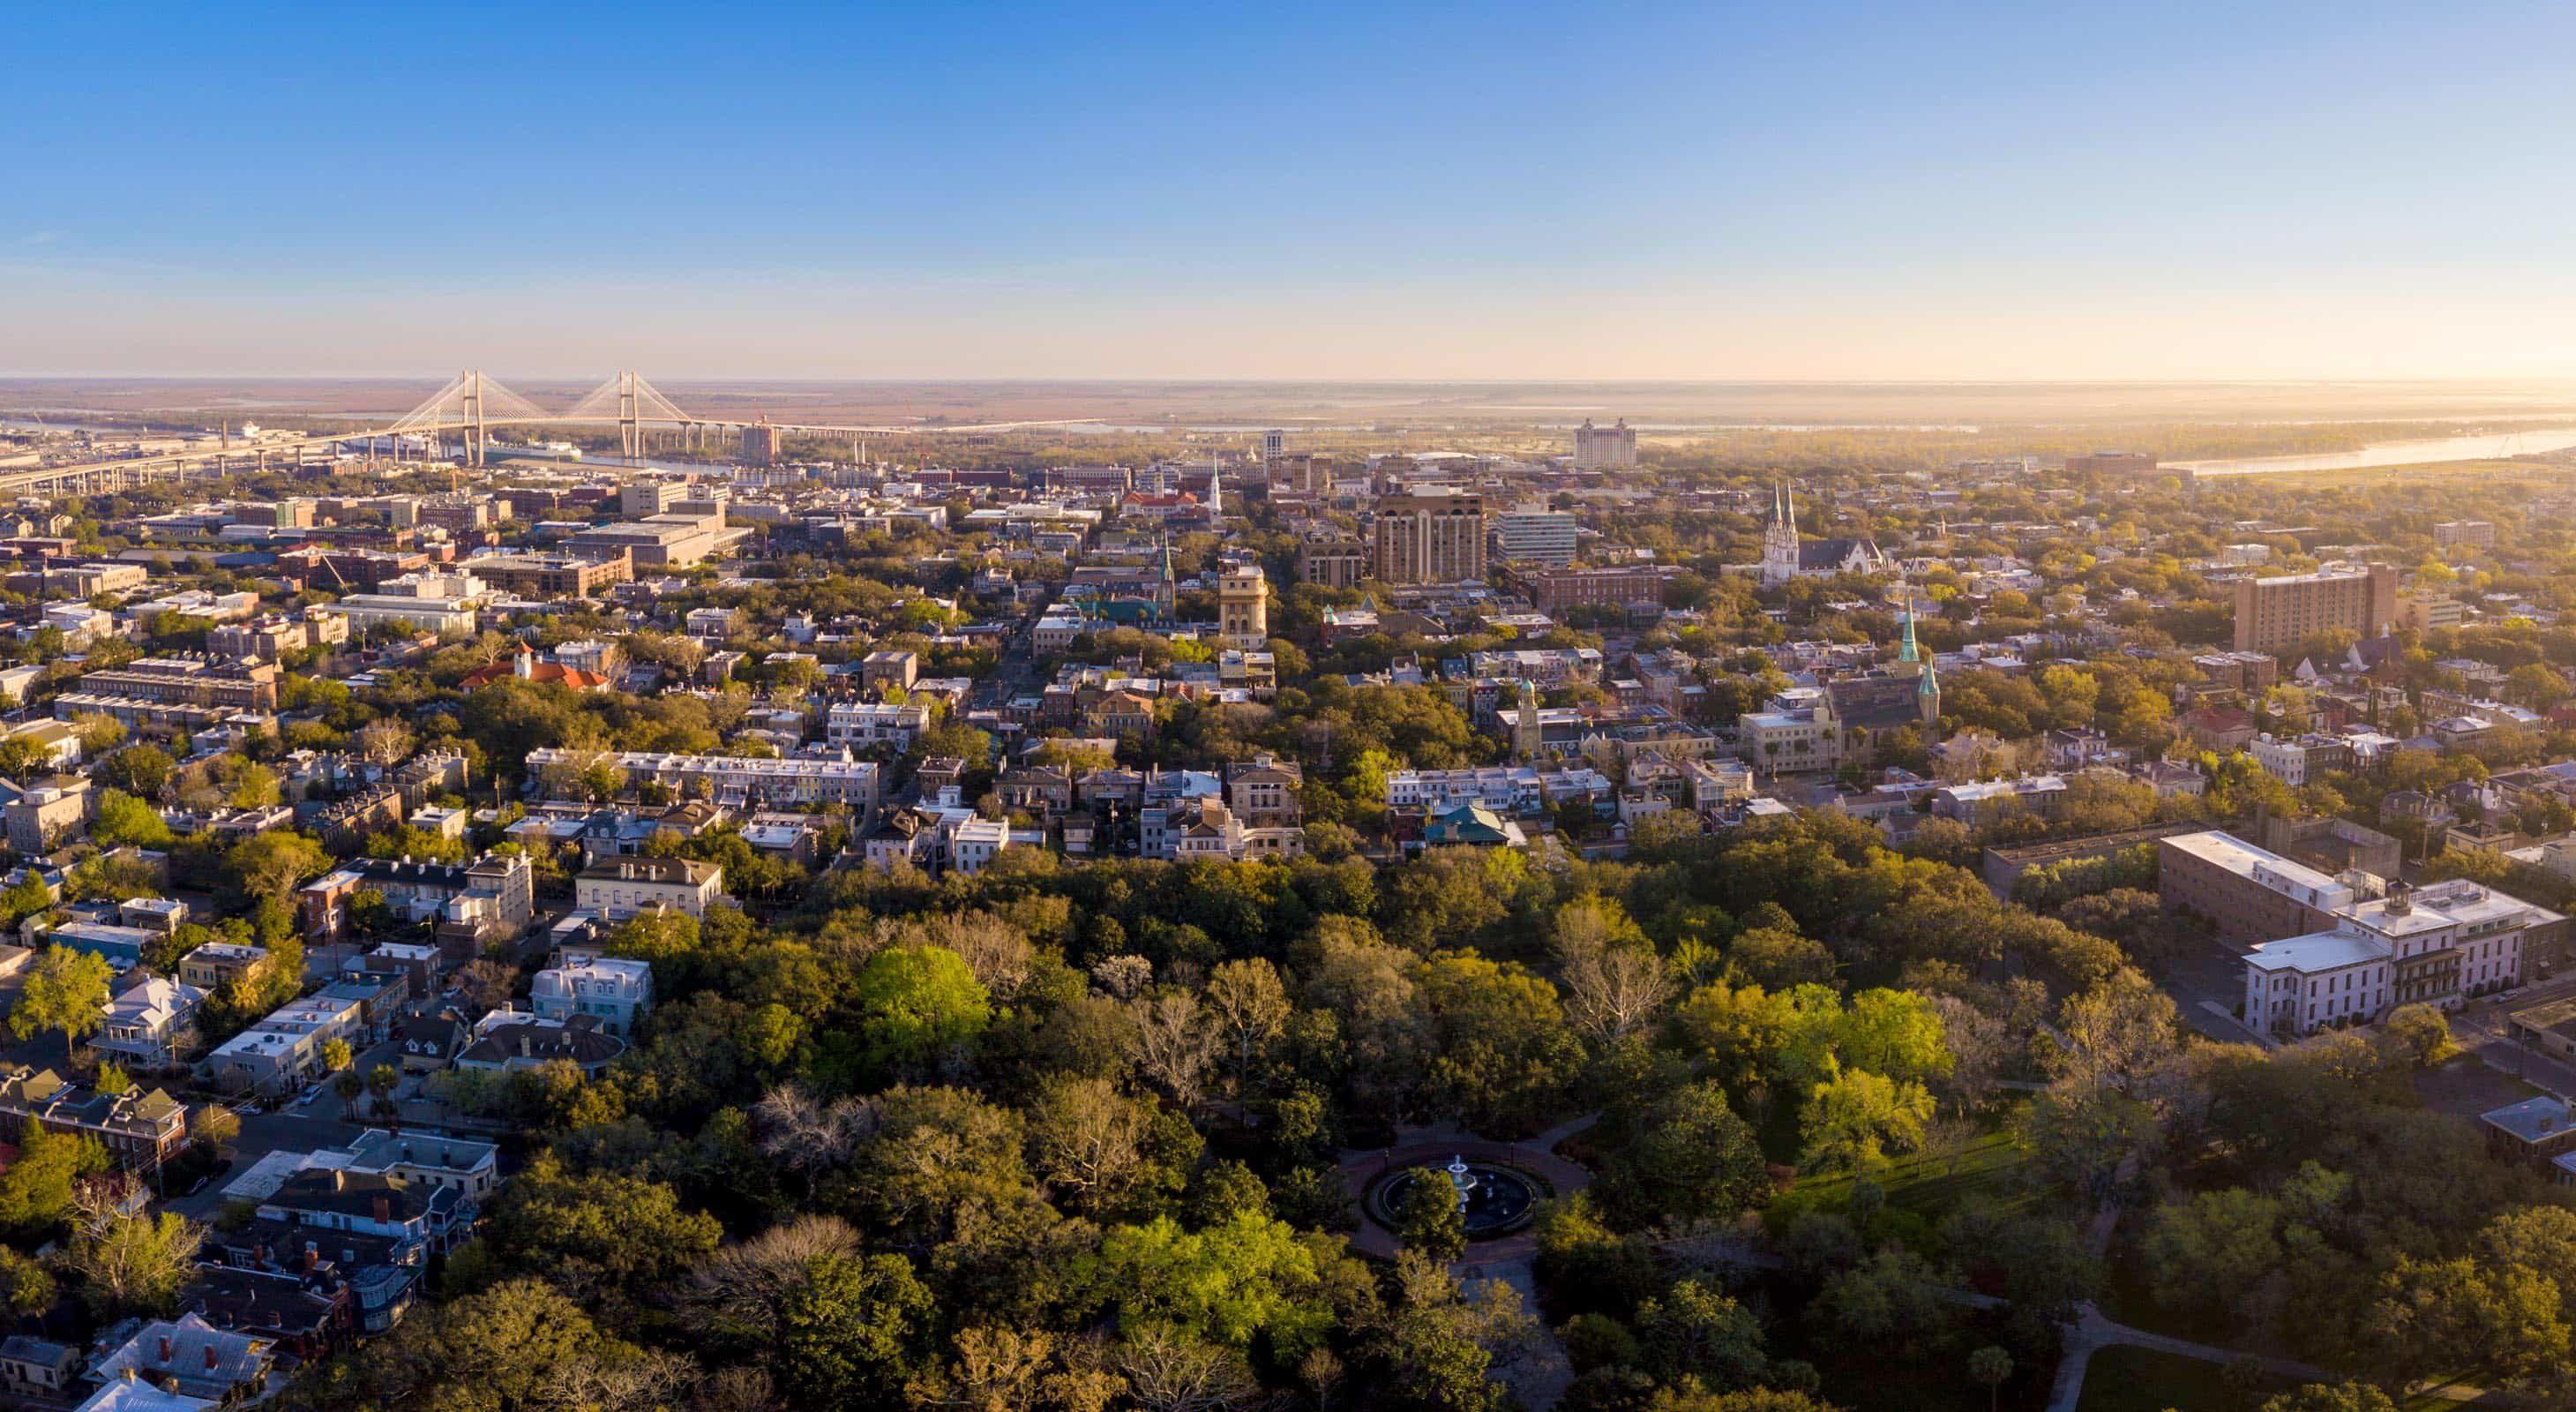 Aerial View of Savannah on Getaway from Atlanta, Georgia